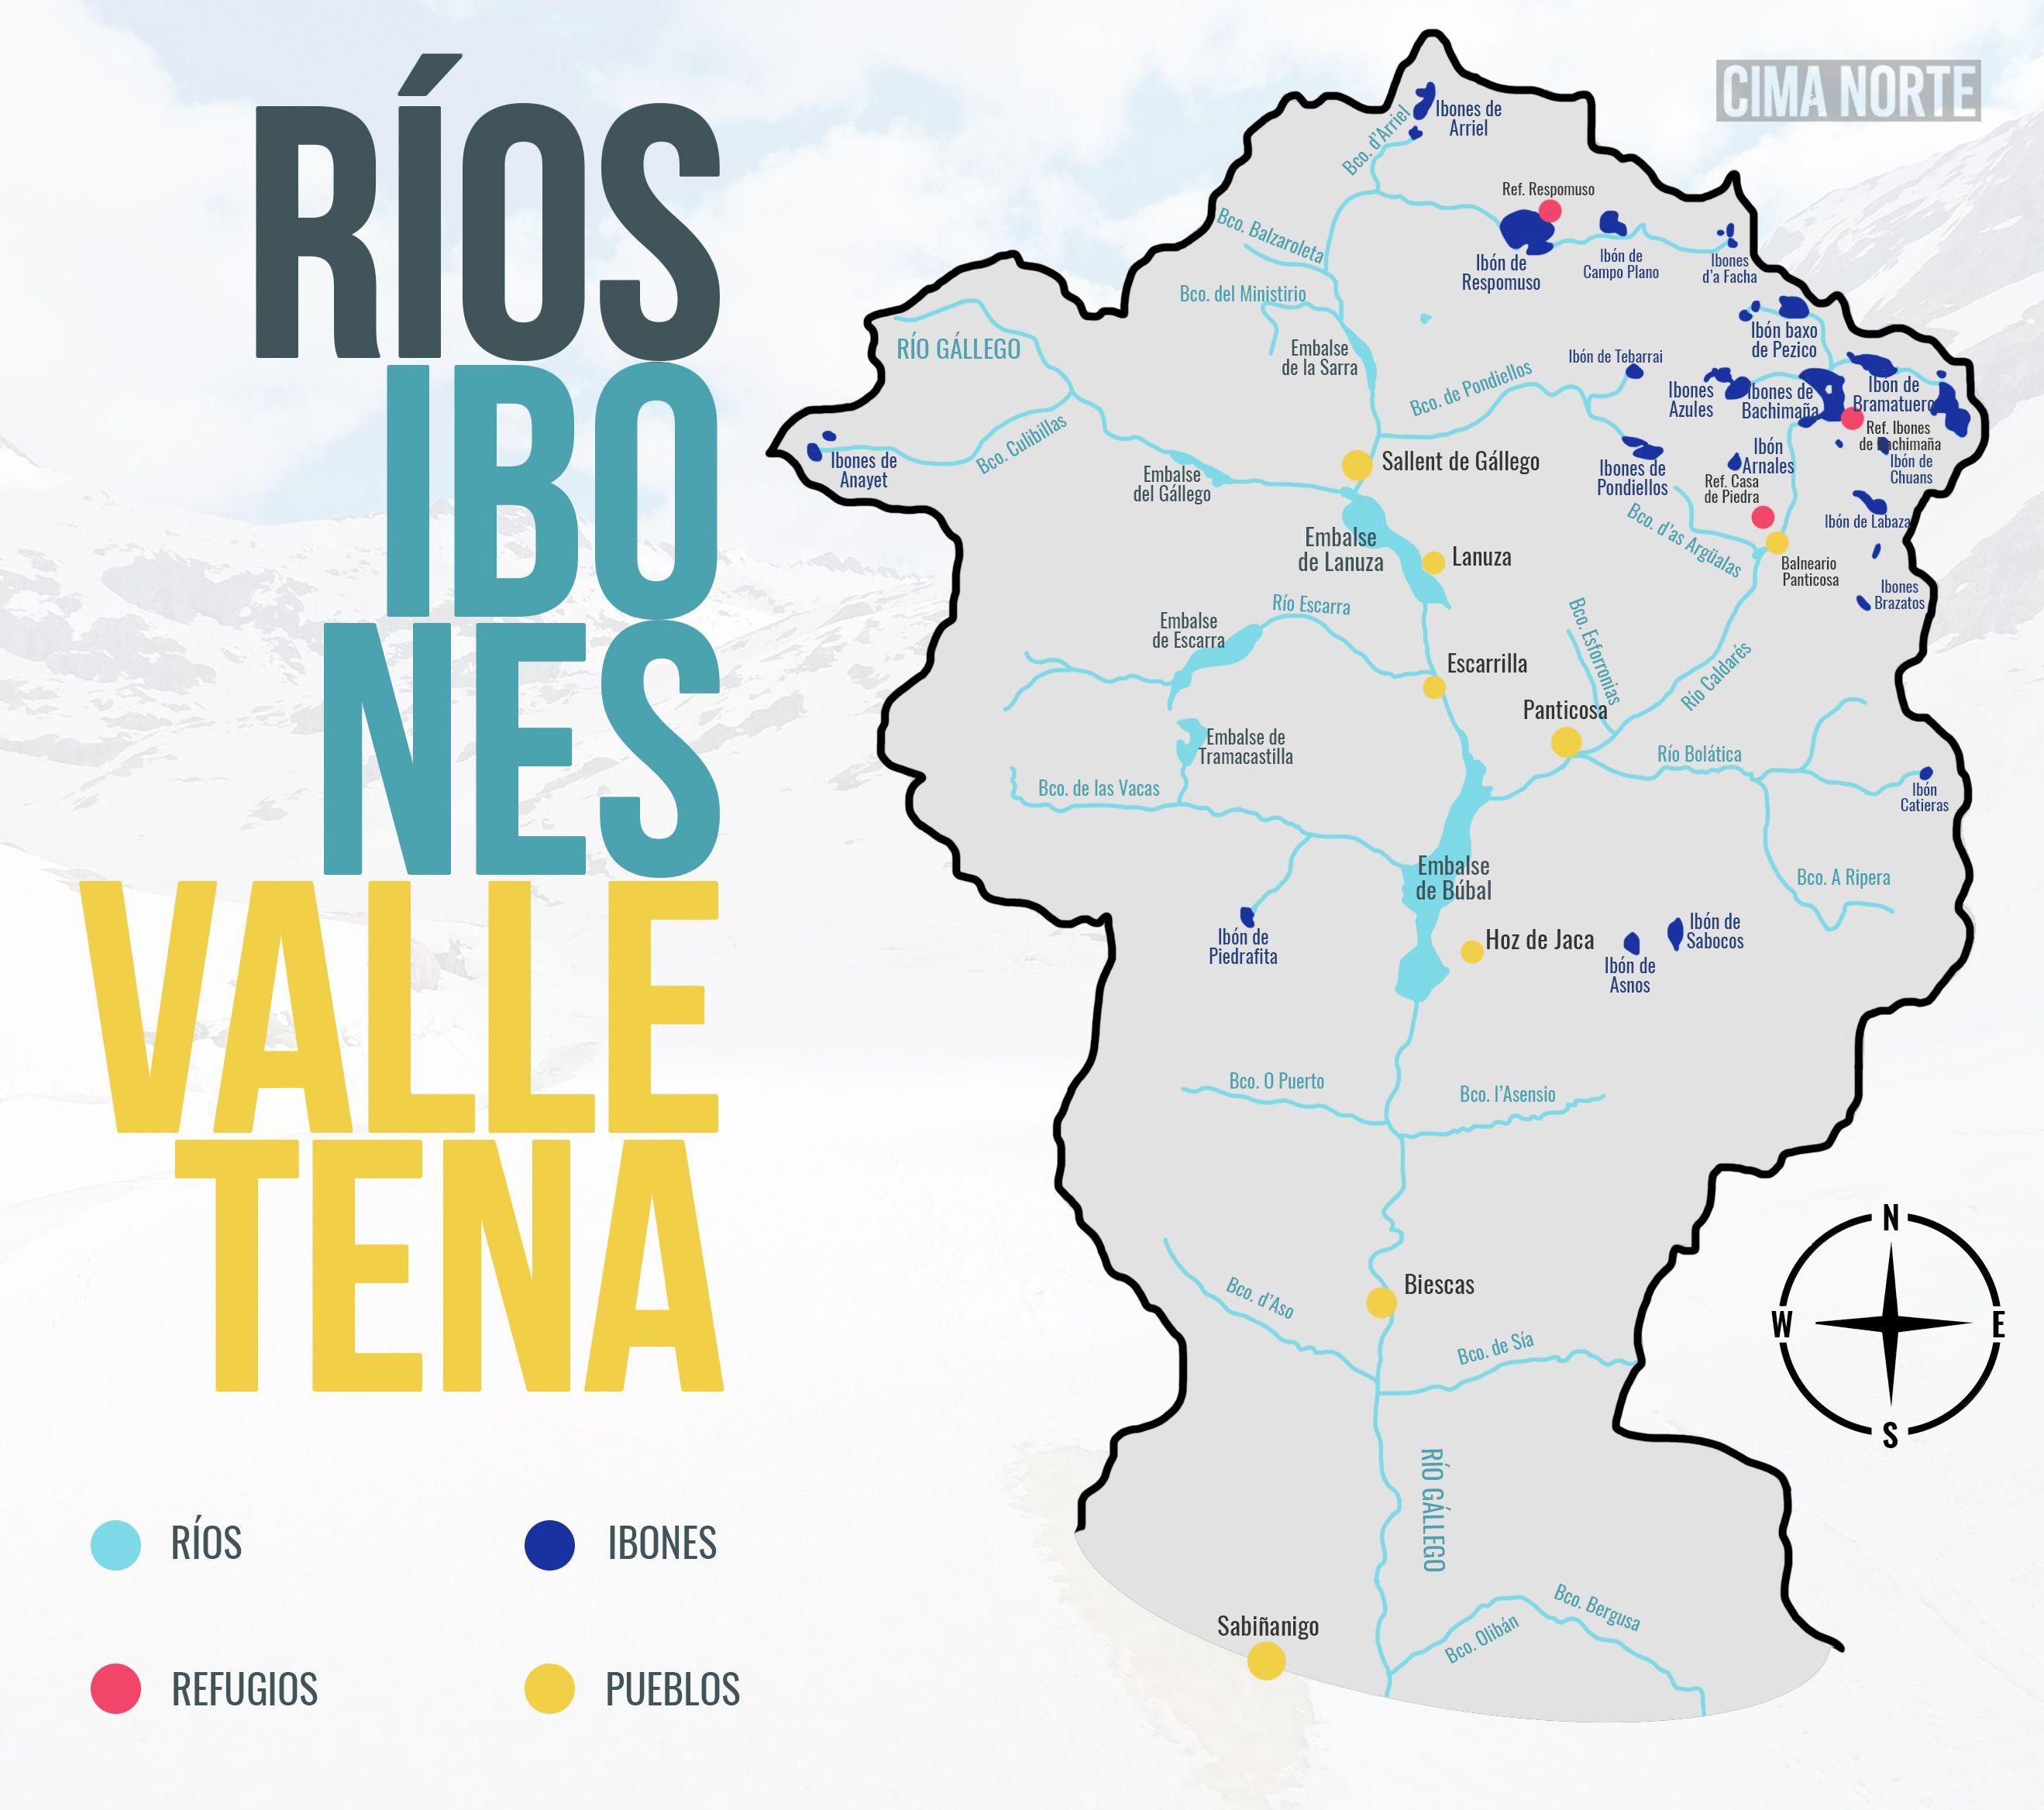 RIOS IBONES VALLE DE TENA